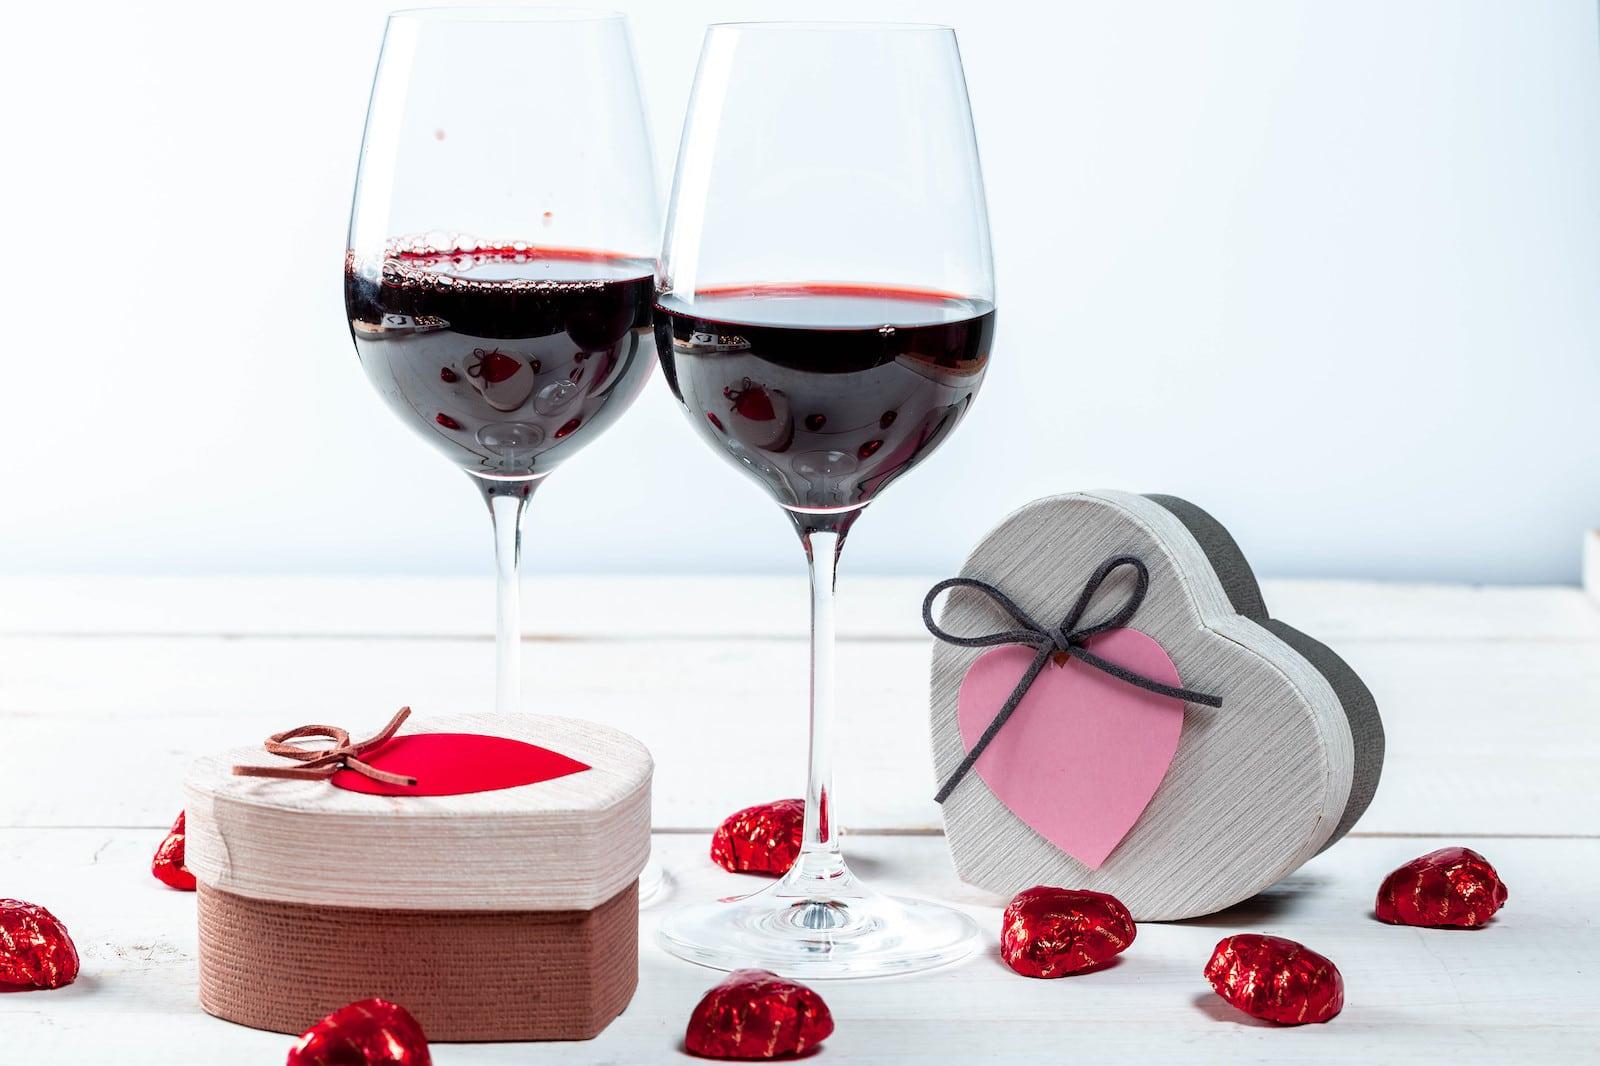 Gambar gelas anggur dan coklat